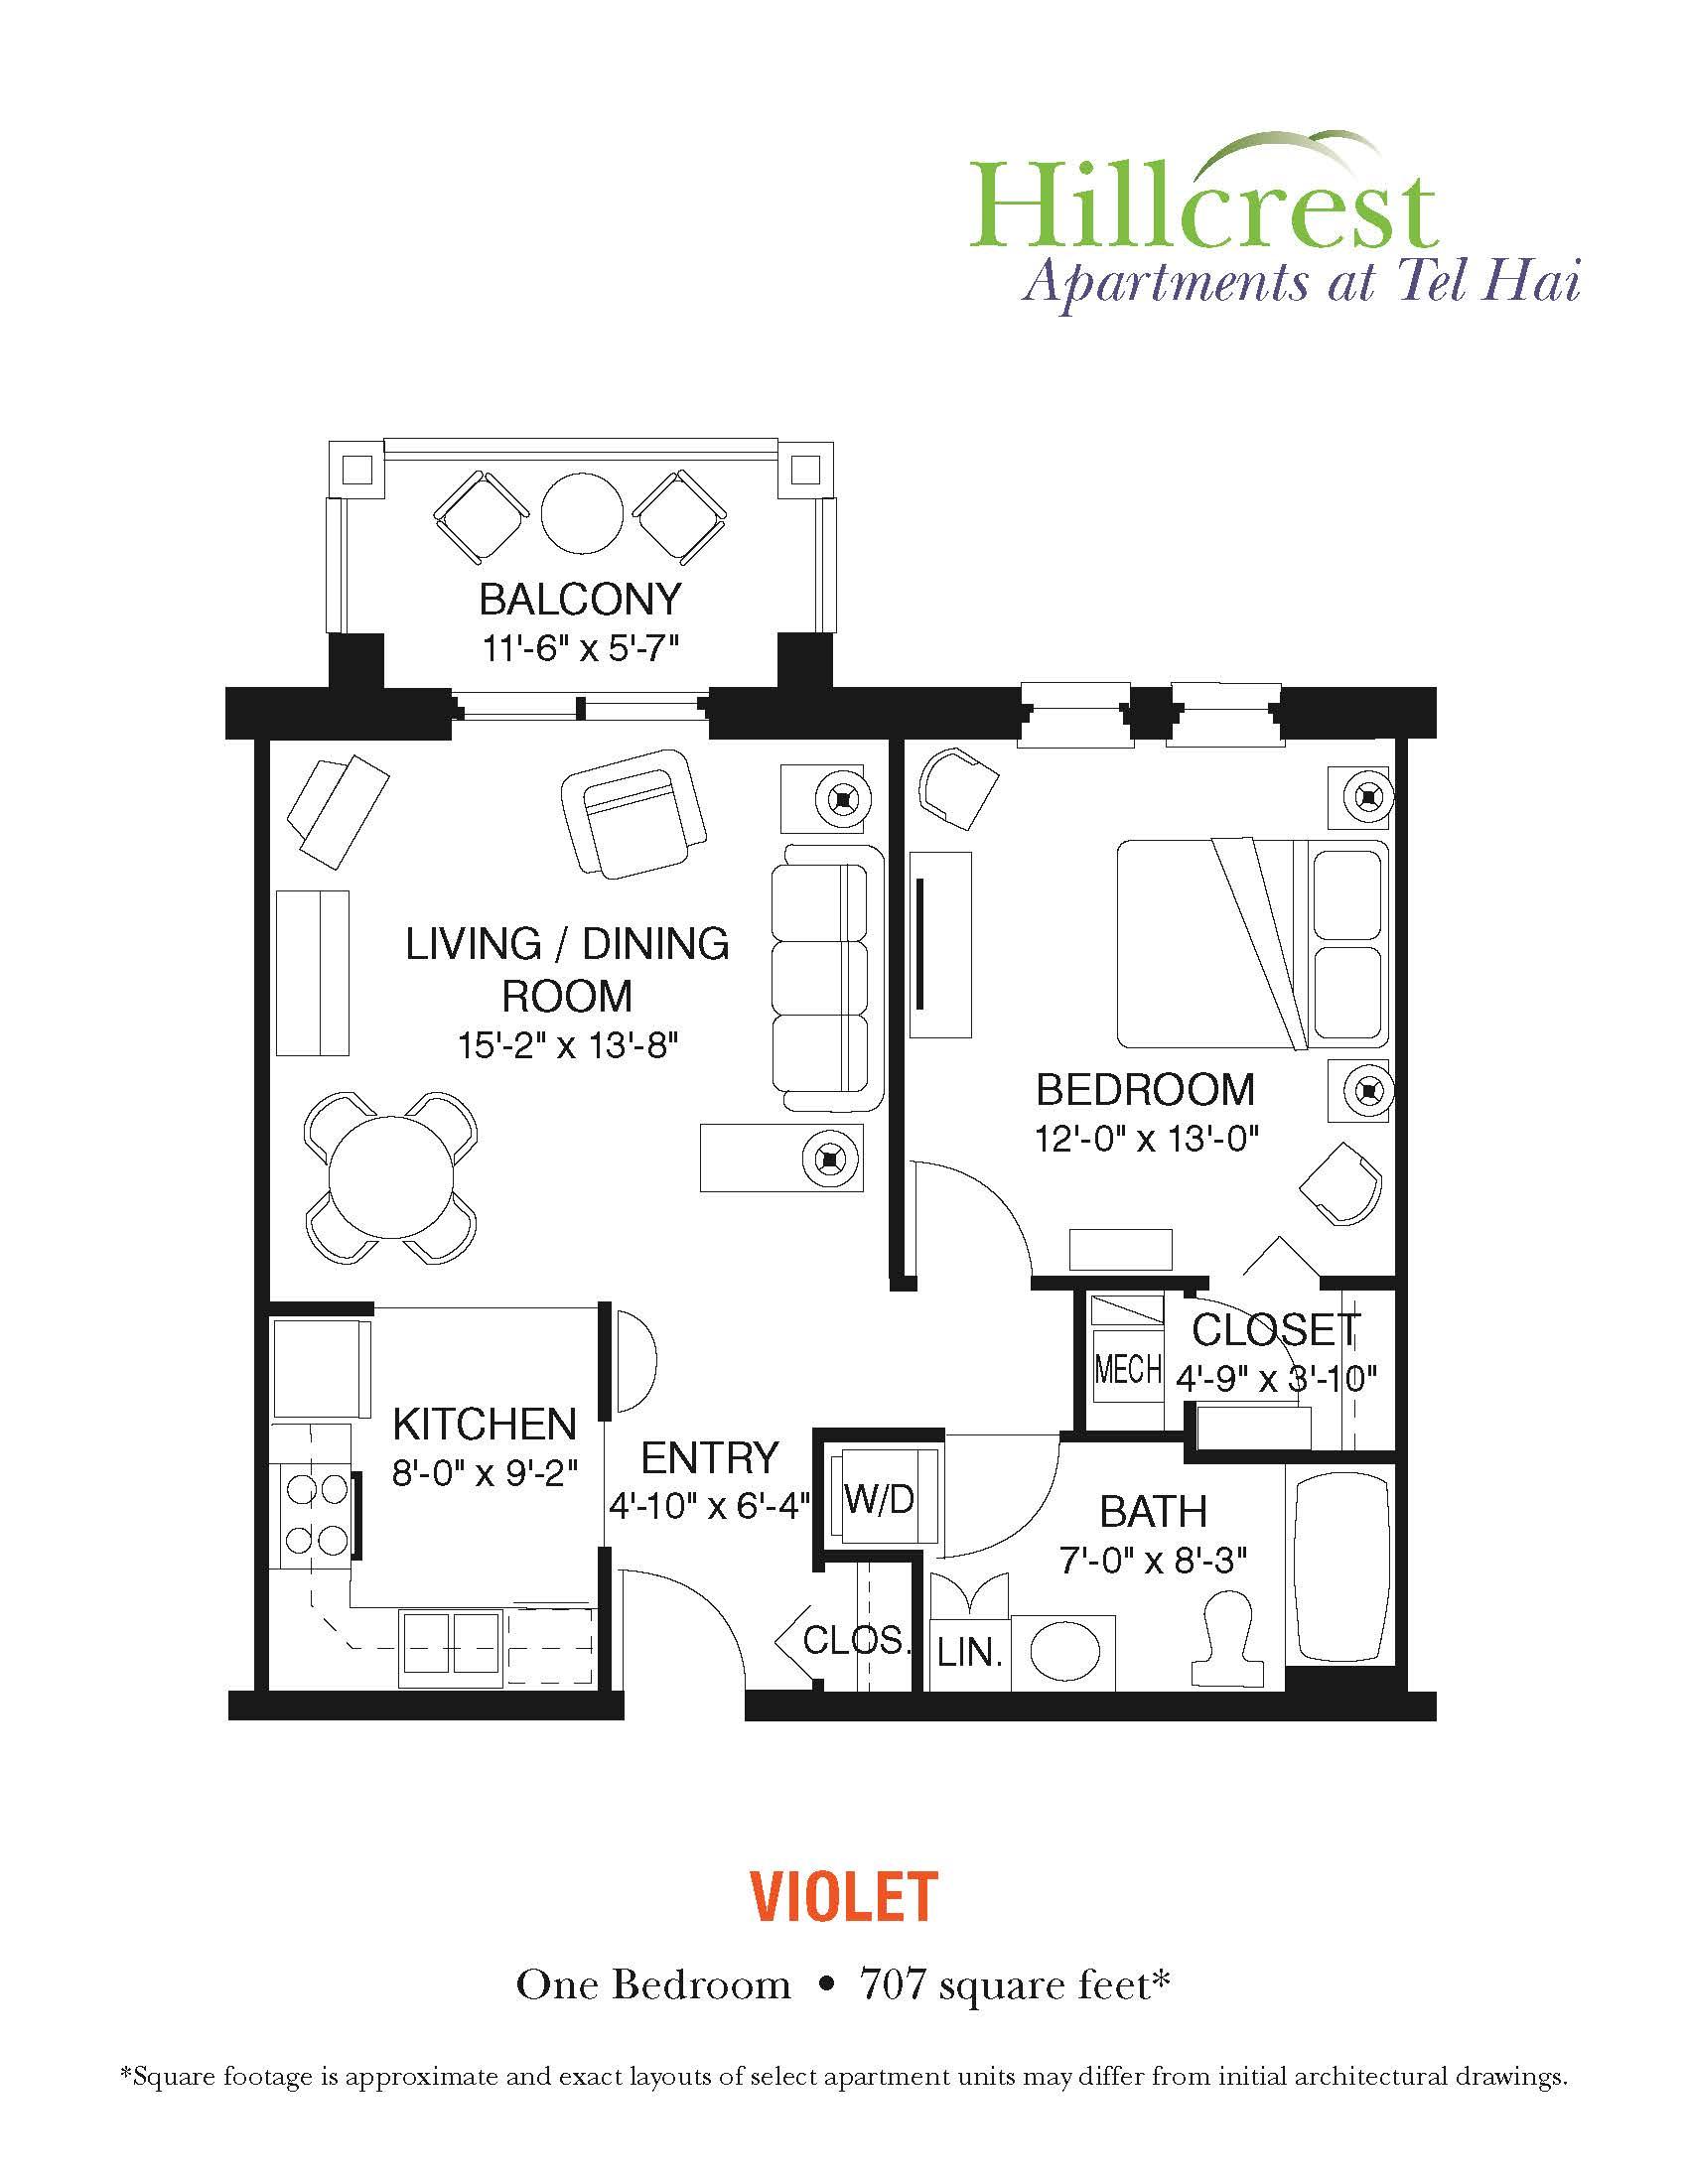 Violet Apartment at Tel Hai